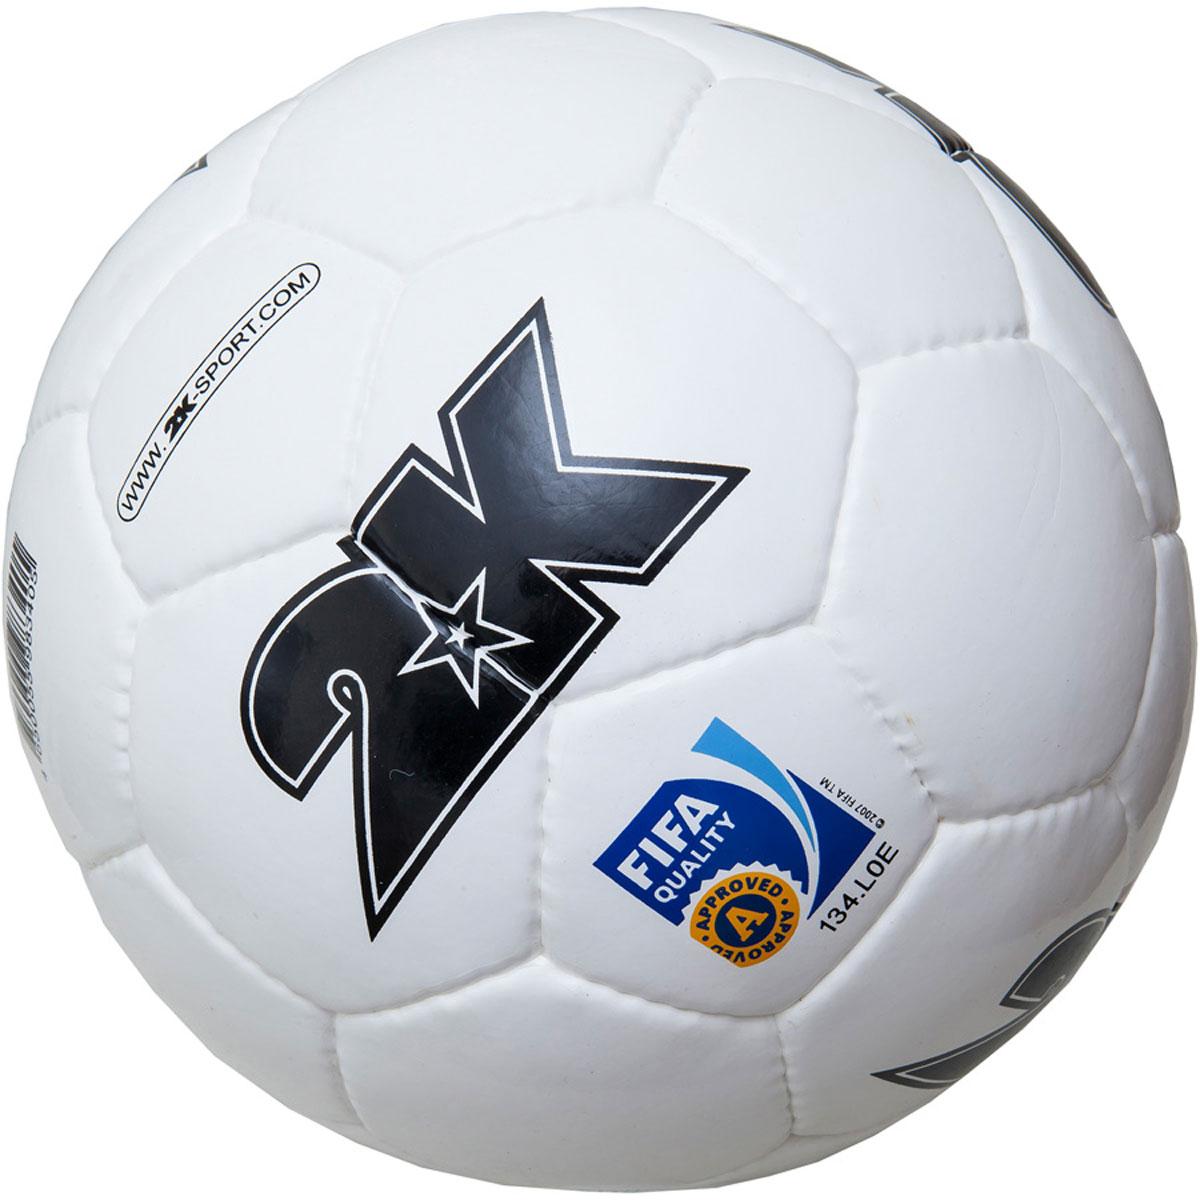 Мяч футбольный 2K Sport Elite, цвет: белый, черный. Размер 5 ледянка sport elite 32см эконом